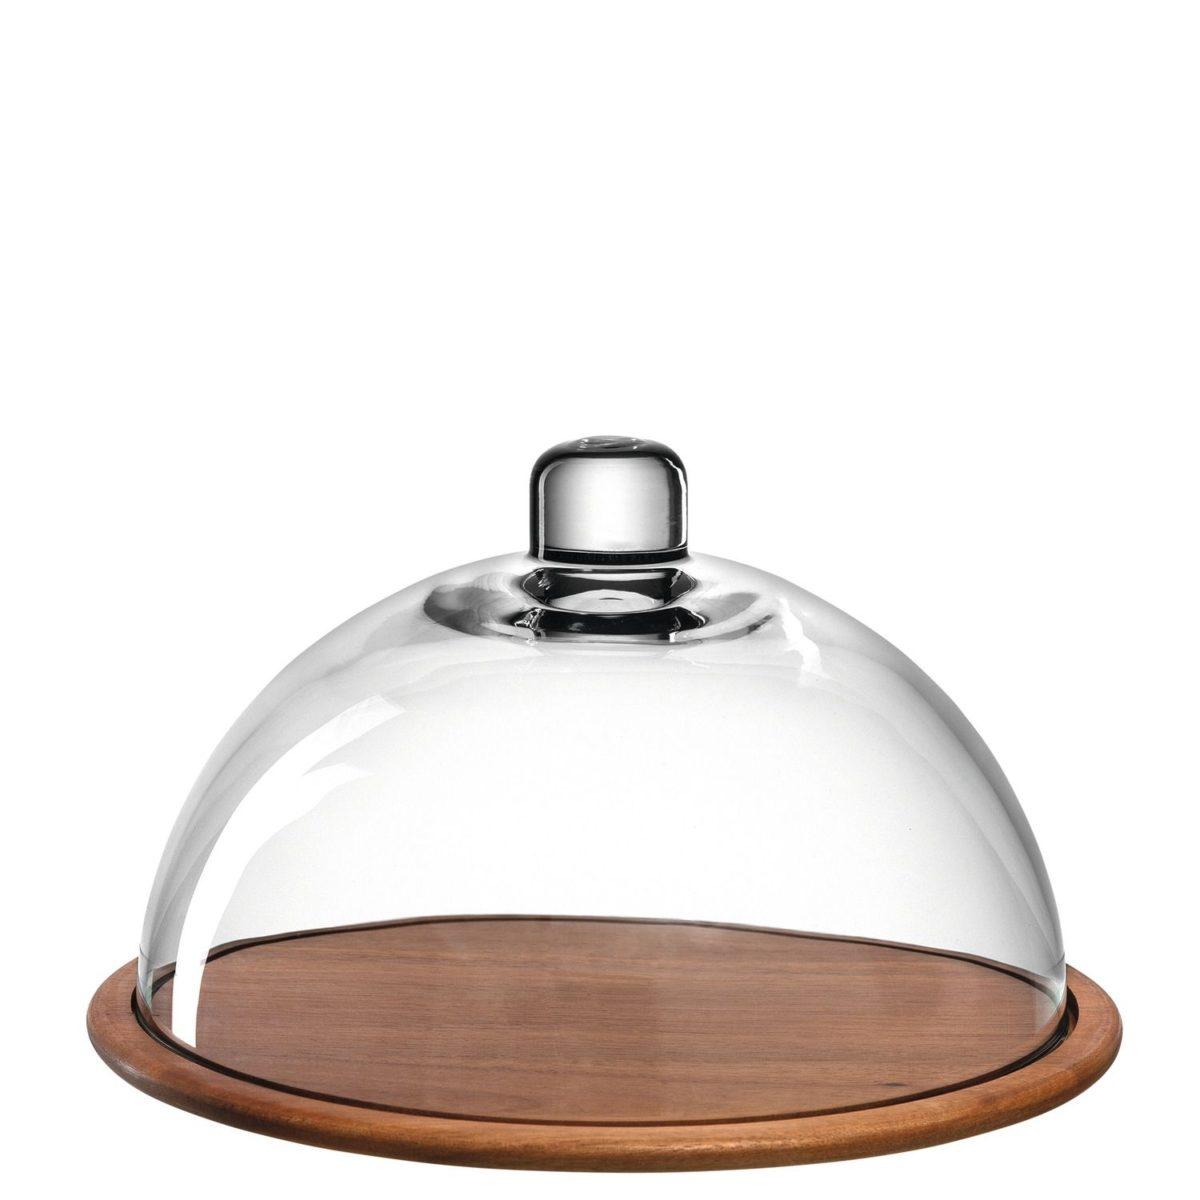 018519 0 k 1200x1200 - Platou pentru brânză din lemn / clopot de sticlă CUCINA (L018519)